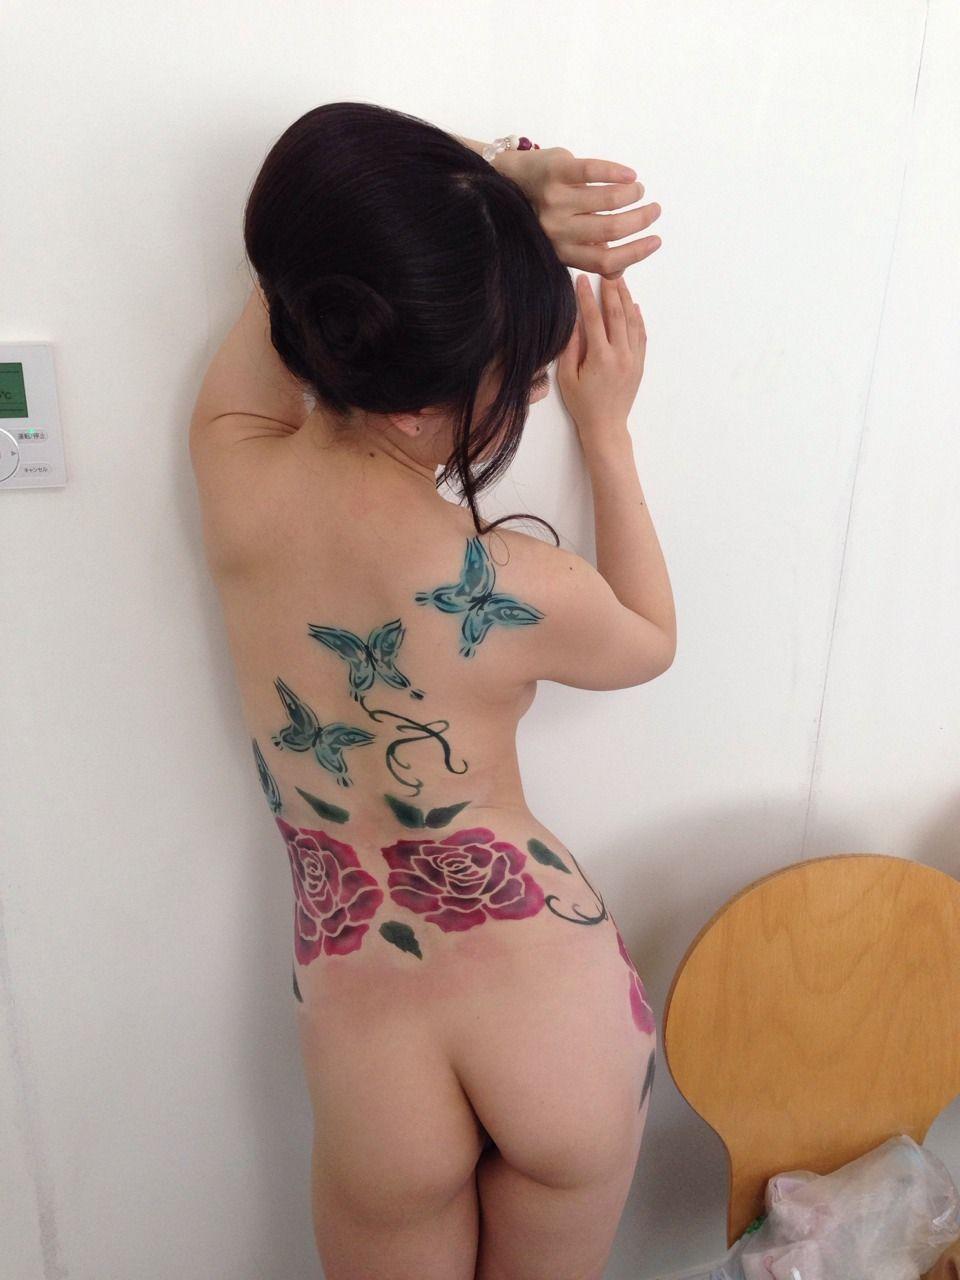 痴女 刺青 私の刺青は、こんな感じのオシャレなのだったんだー